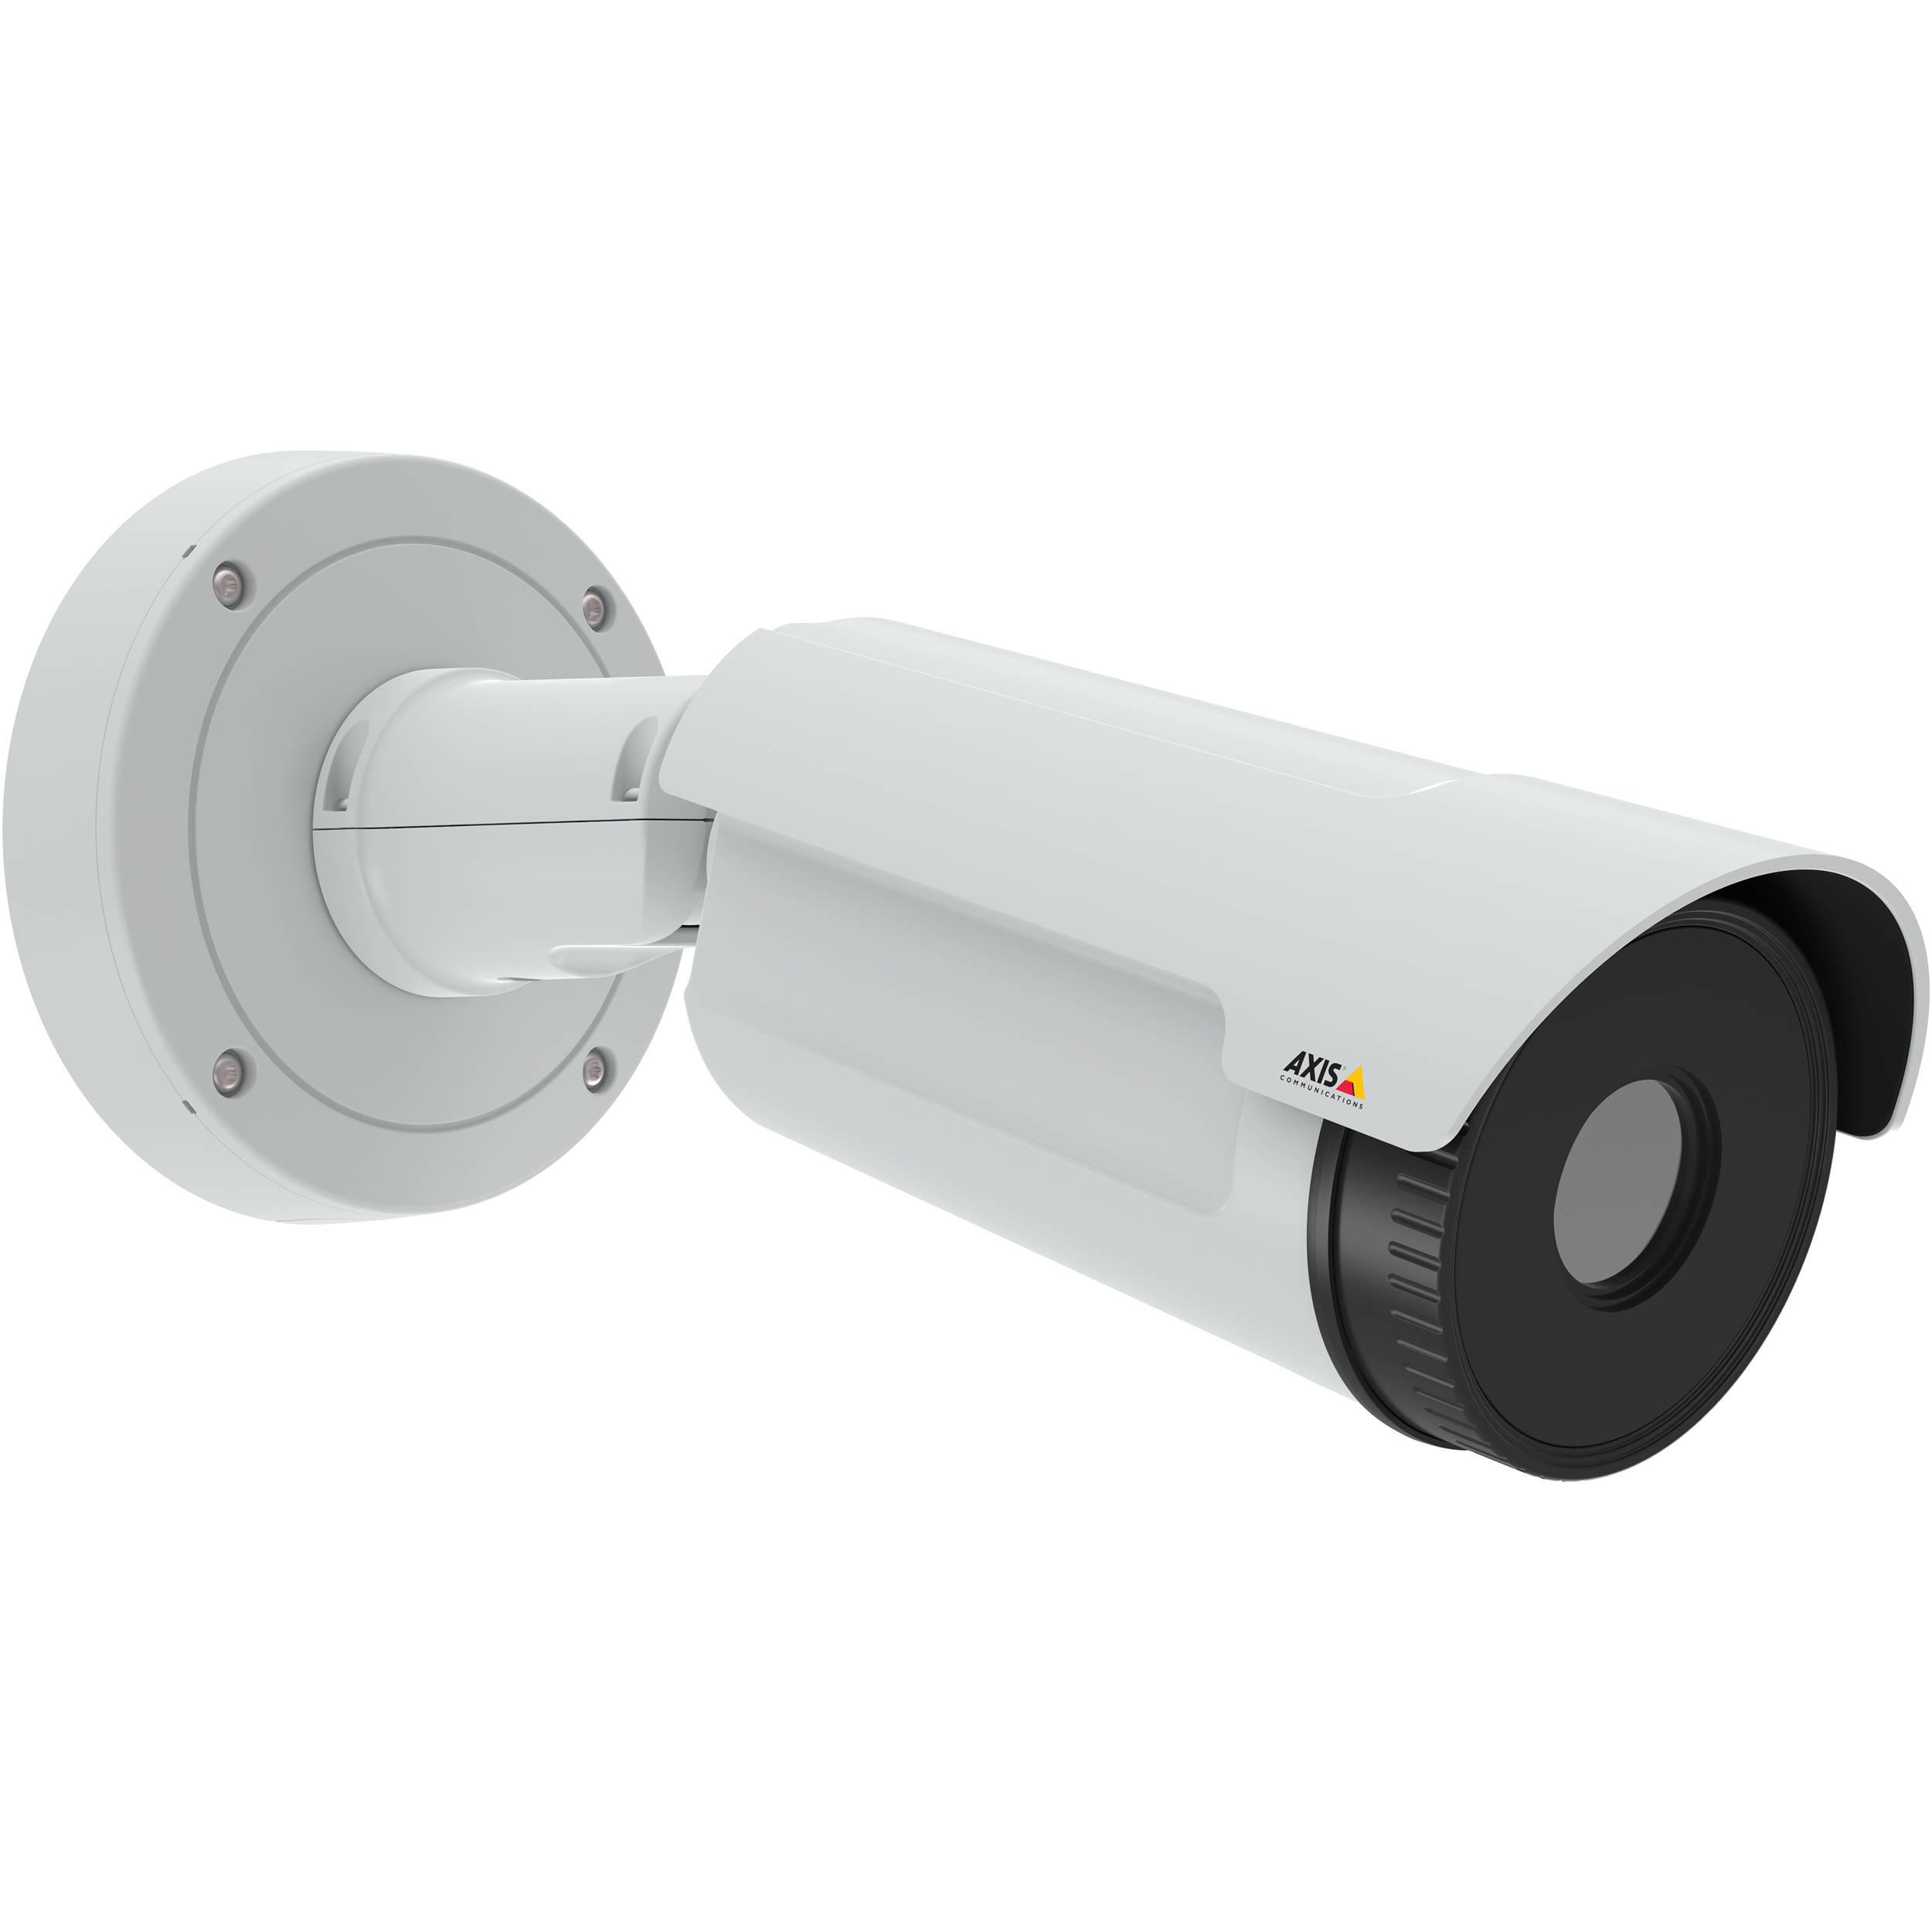 Prevenirea incendiilor şi protecţia  echipamentelor cu camerele termografice